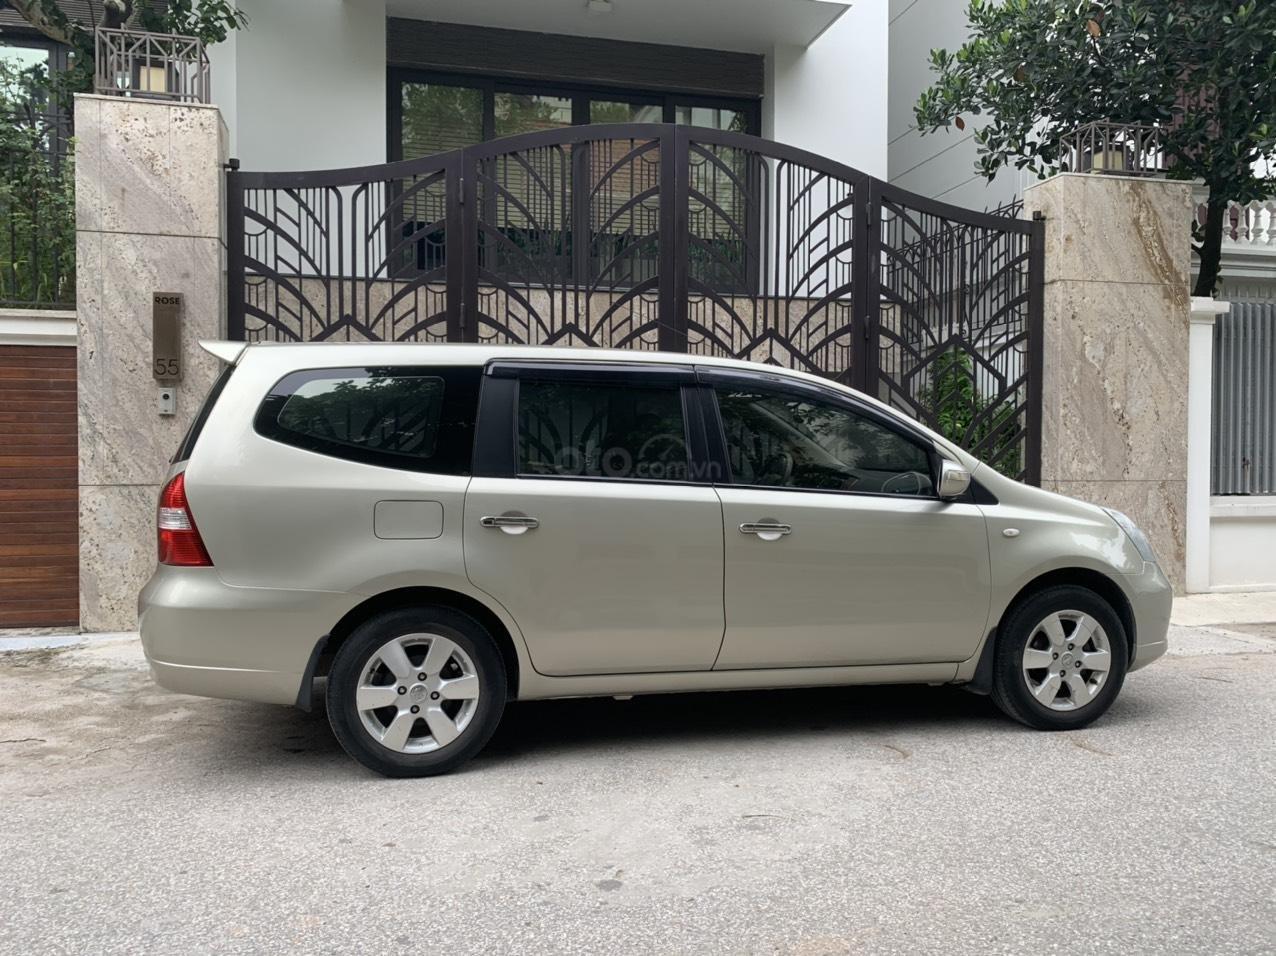 Bán Nissan Grand Livina năm 2011, số tự động 7 chỗ, chính chủ dùng (10)